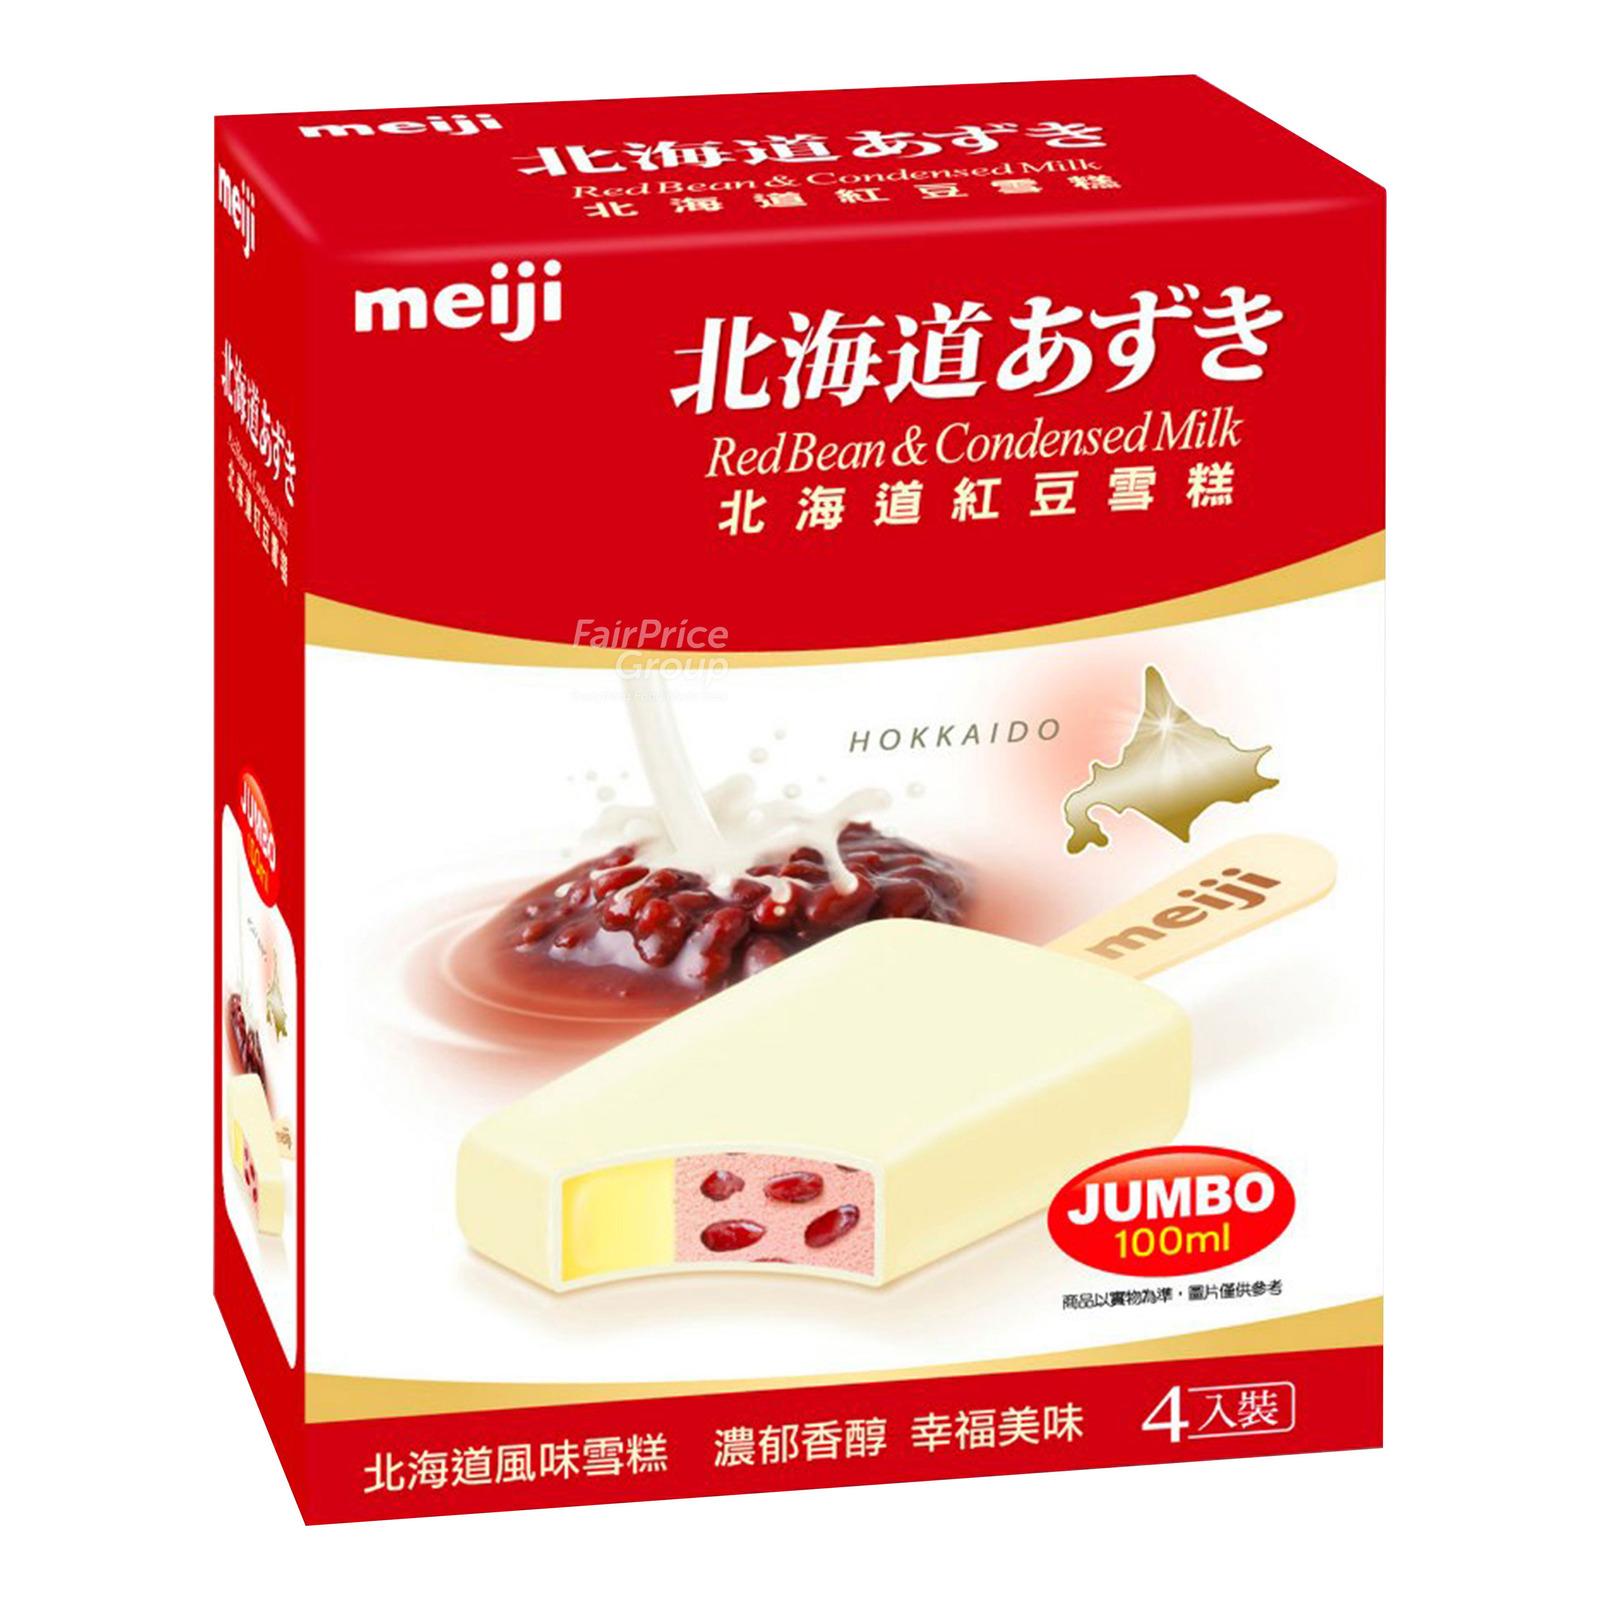 Meiji Ice Cream Bar - Red Bean & Condensed Milk